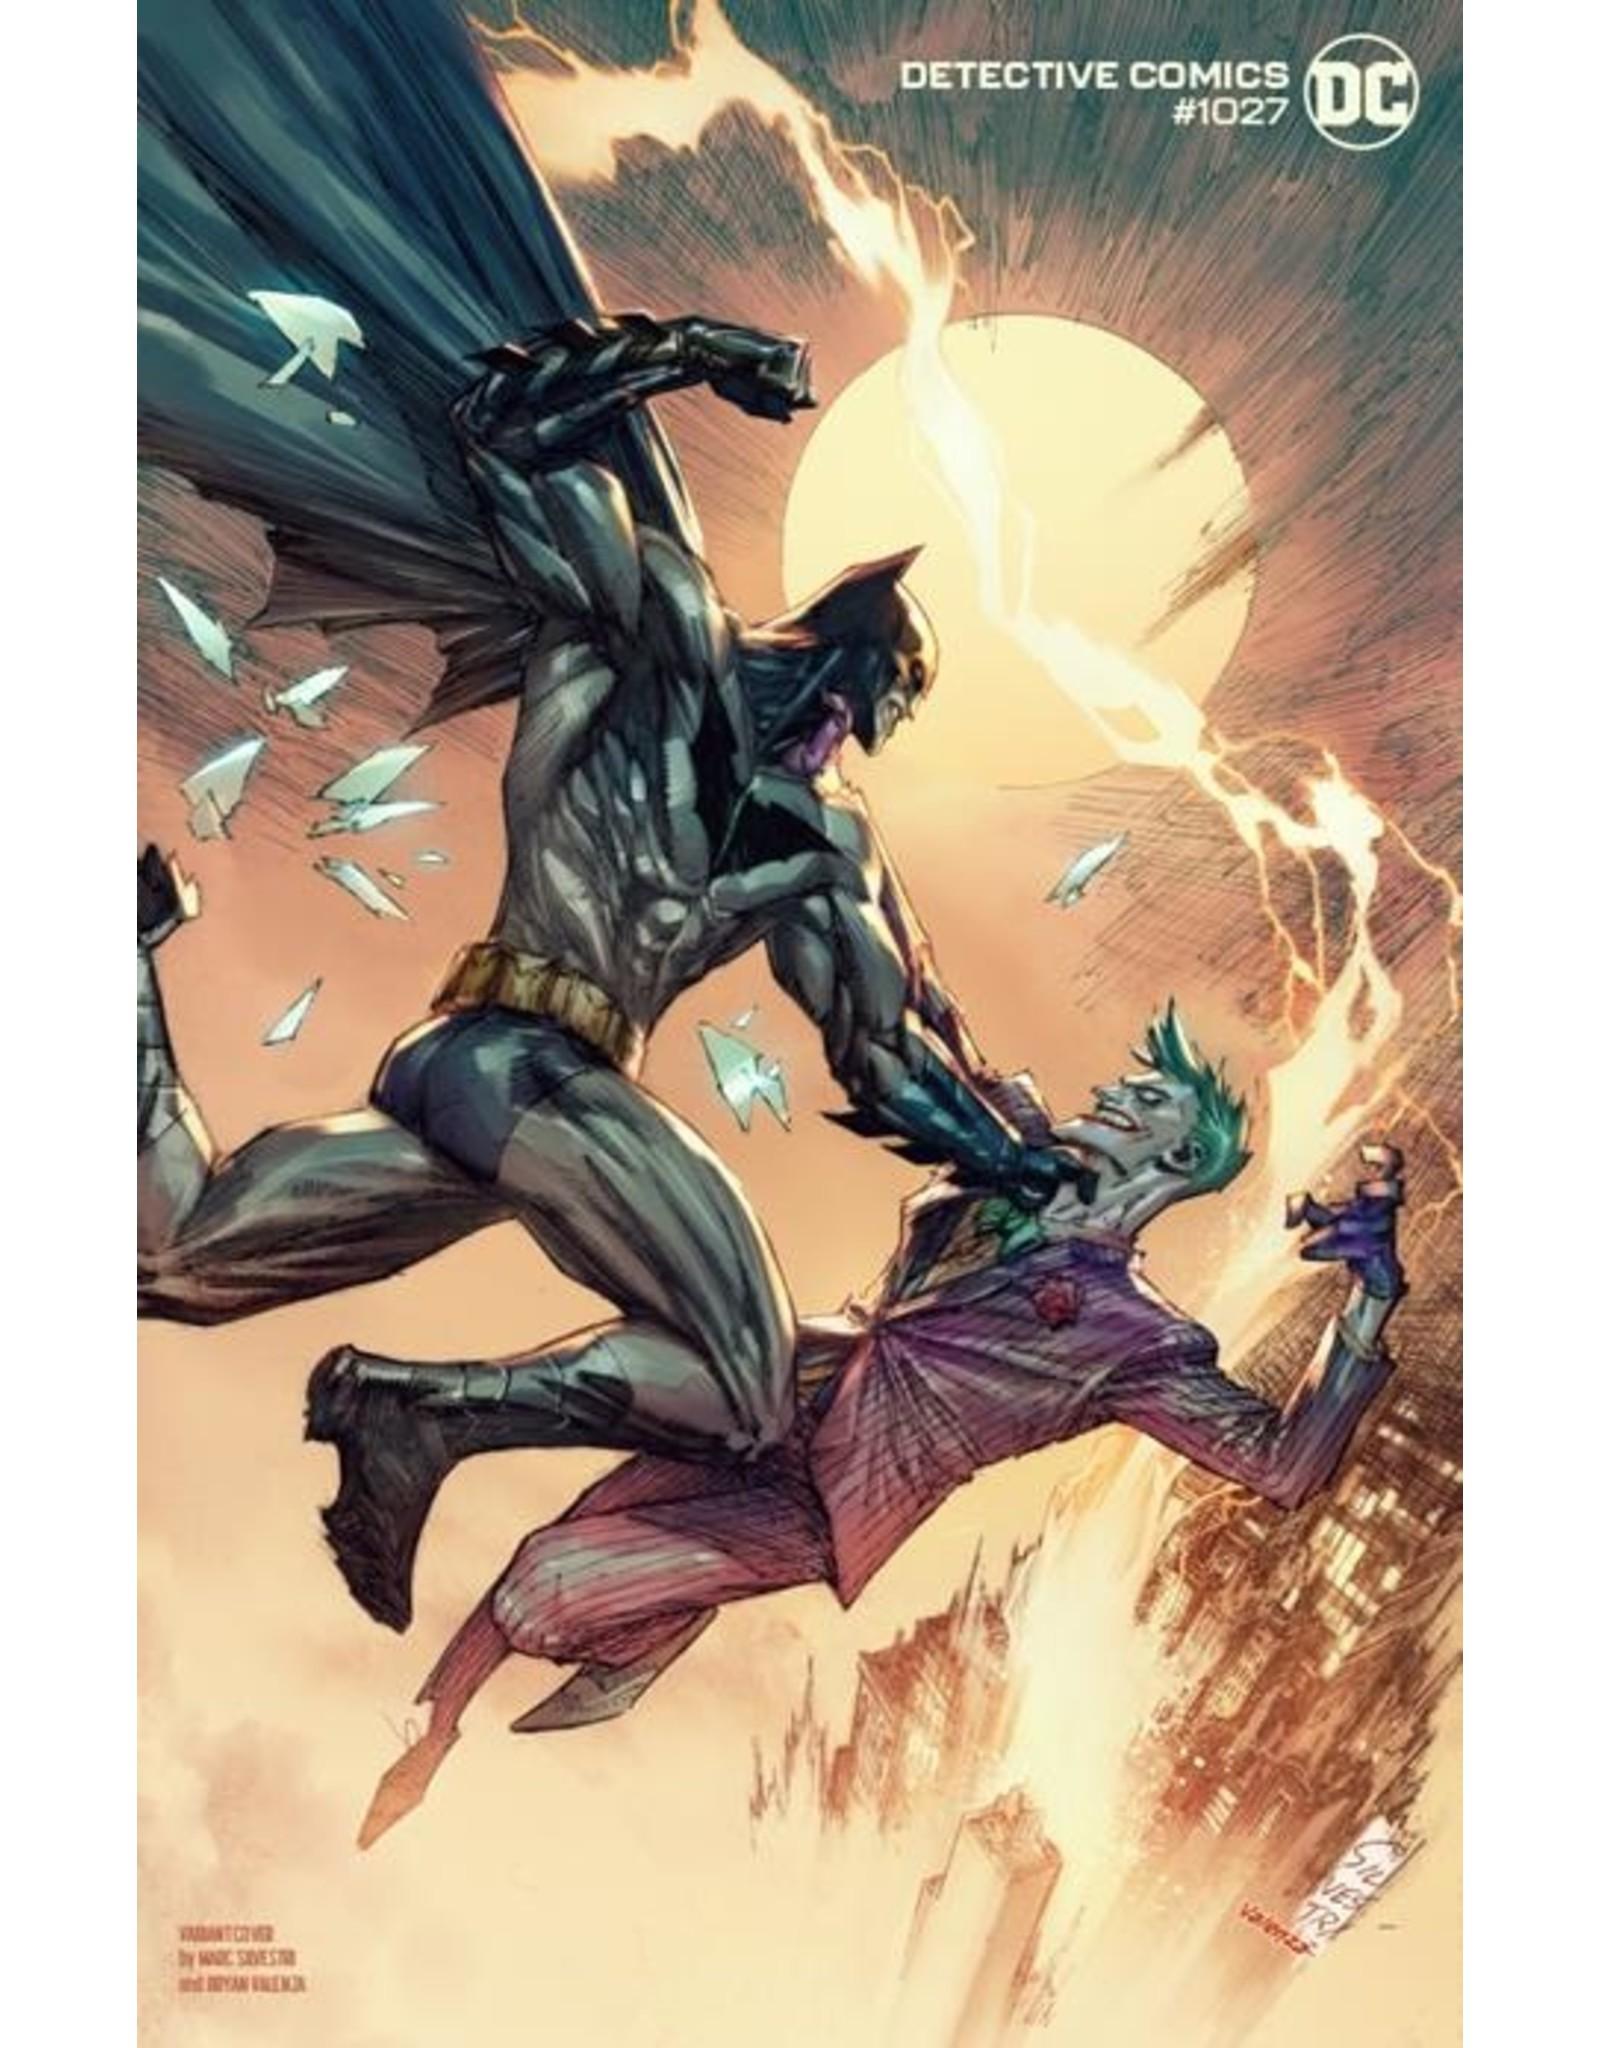 DC COMICS DETECTIVE COMICS #1027 CVR K MARC SILVESTRI BATMAN JOKER VAR